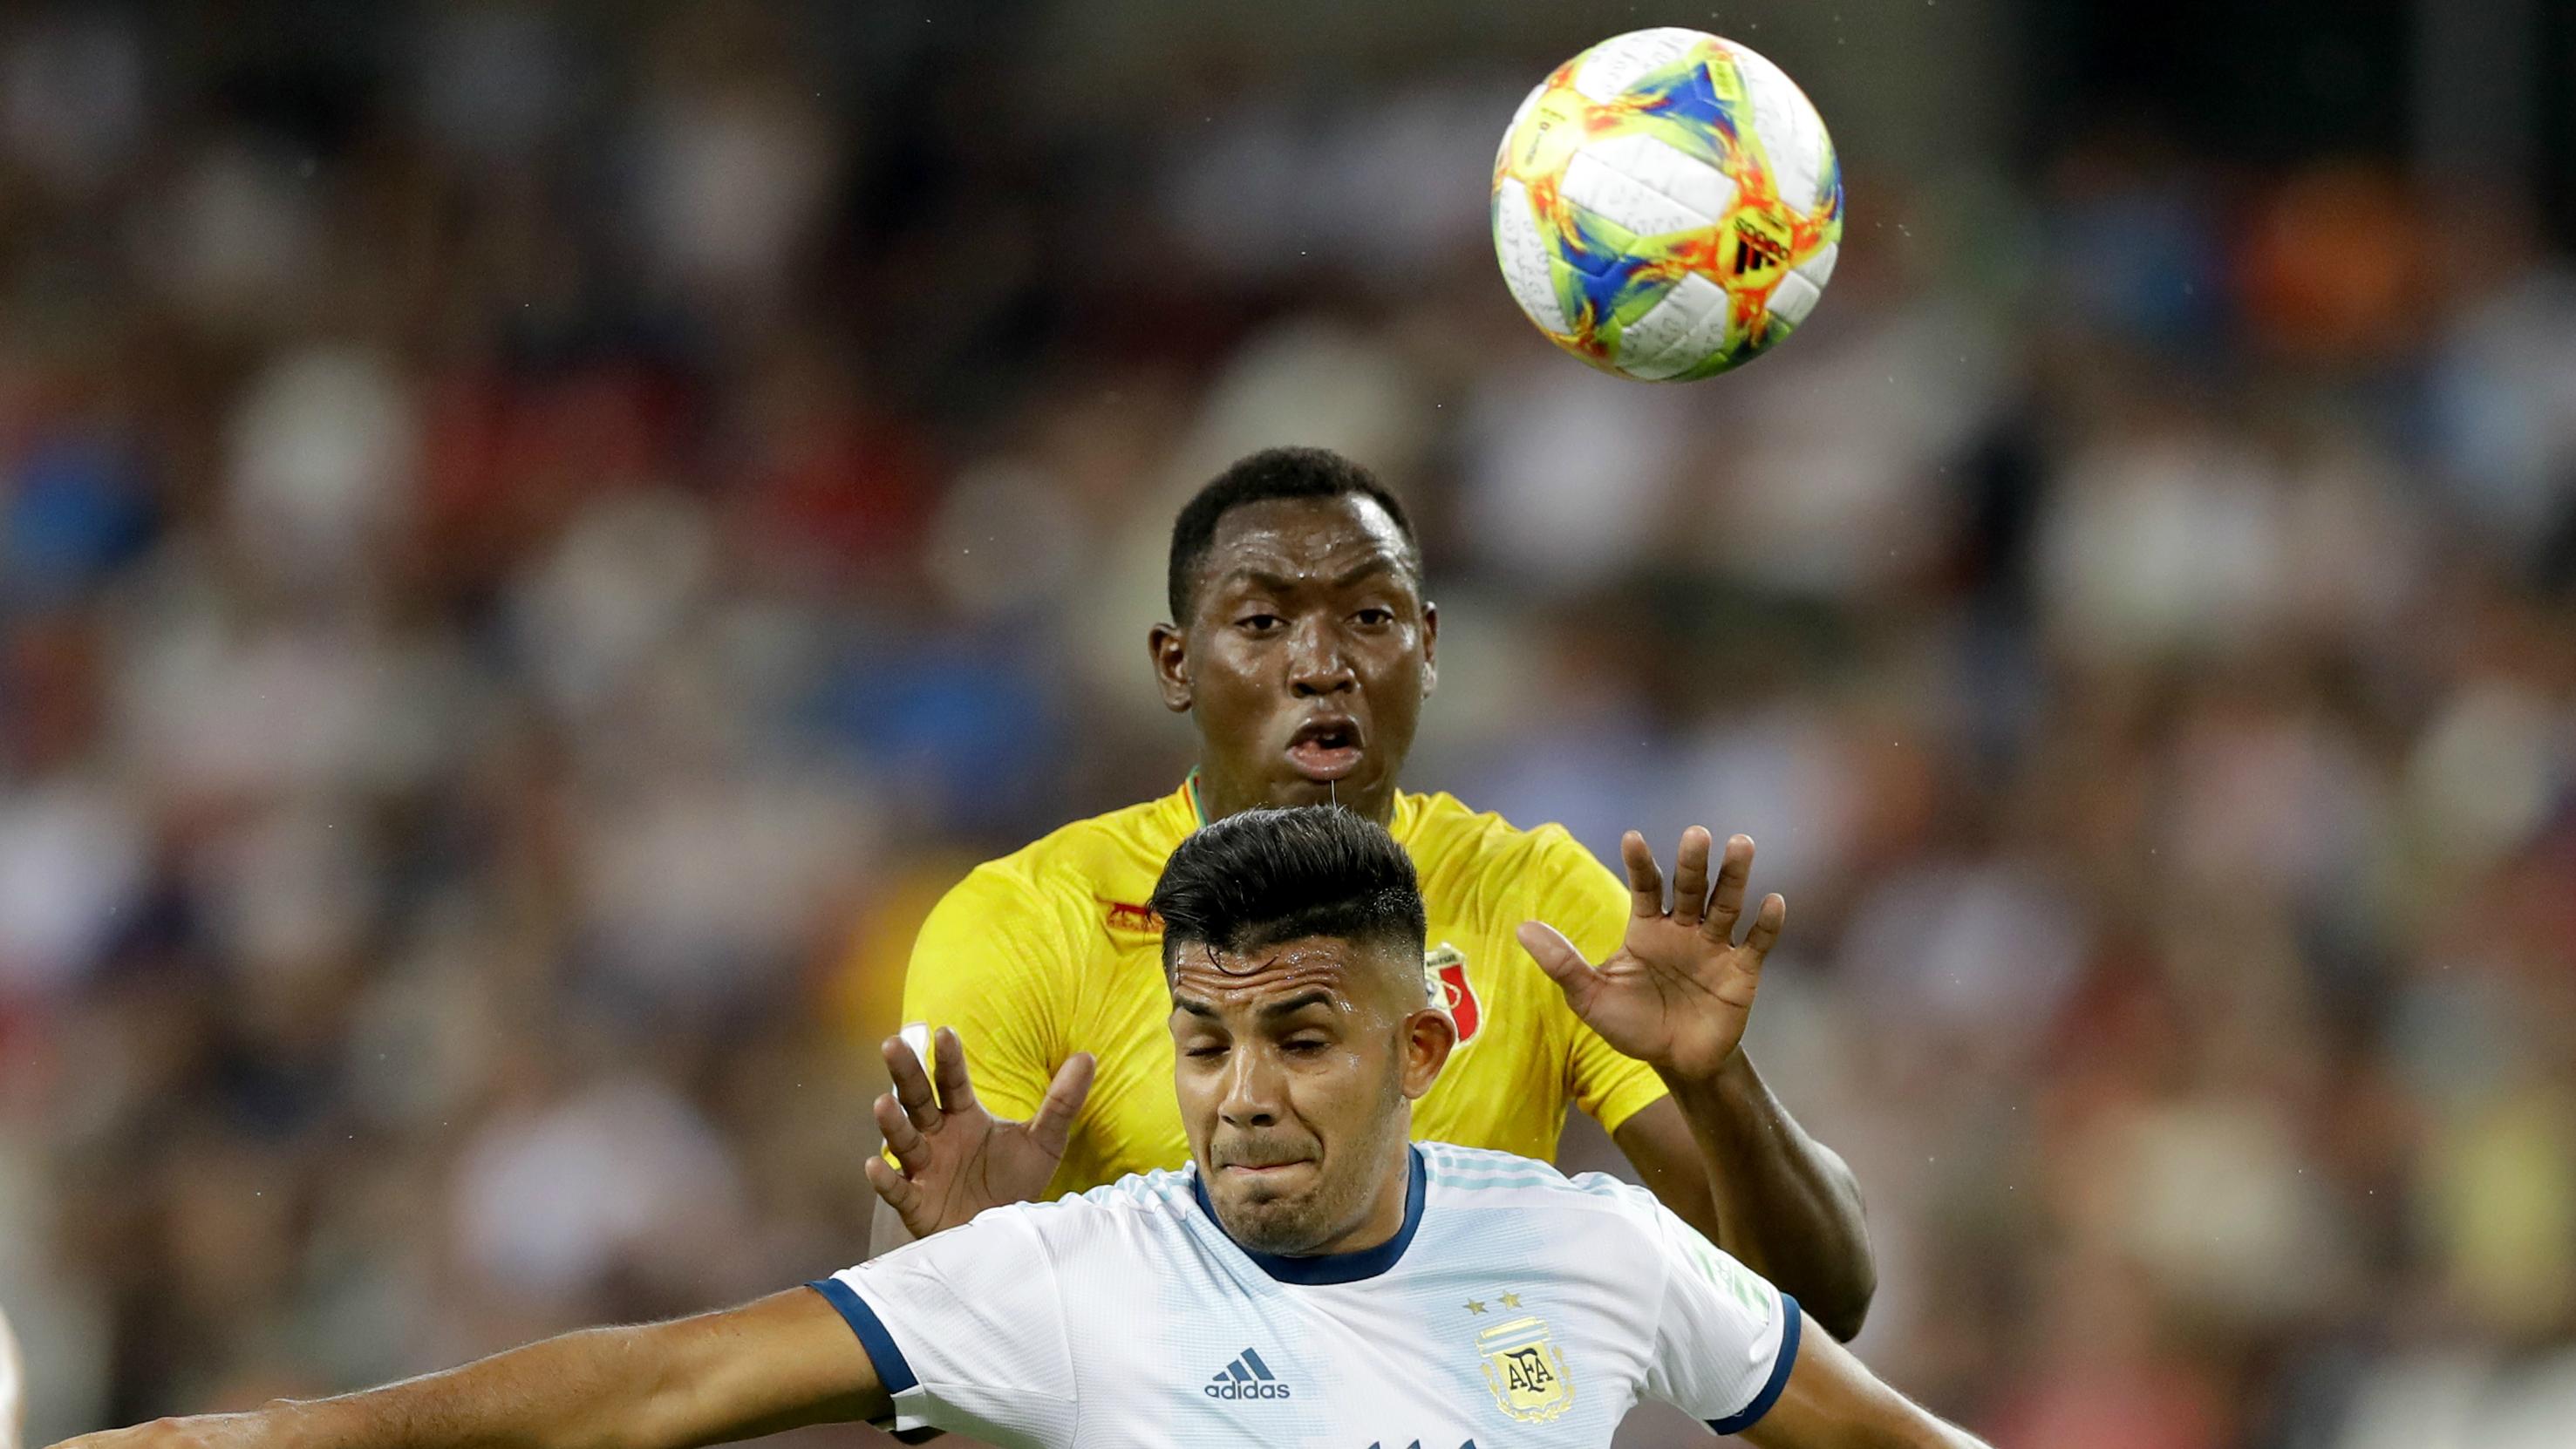 Football Manager 2019 has a racism problem — Quartz